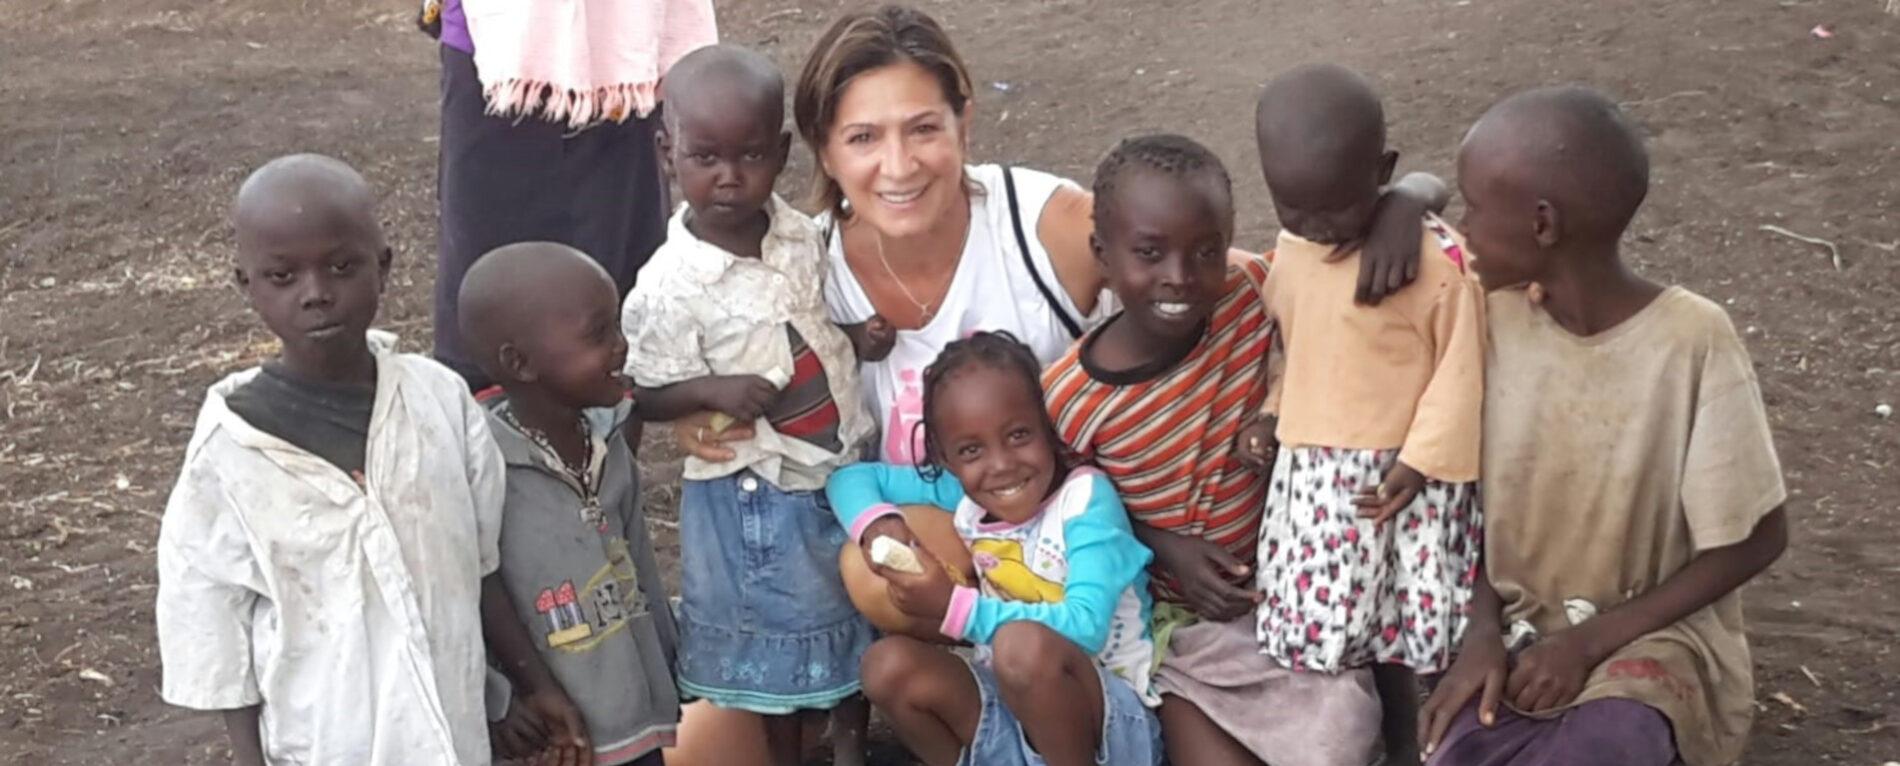 viaggio in Africa comunità Ithanga